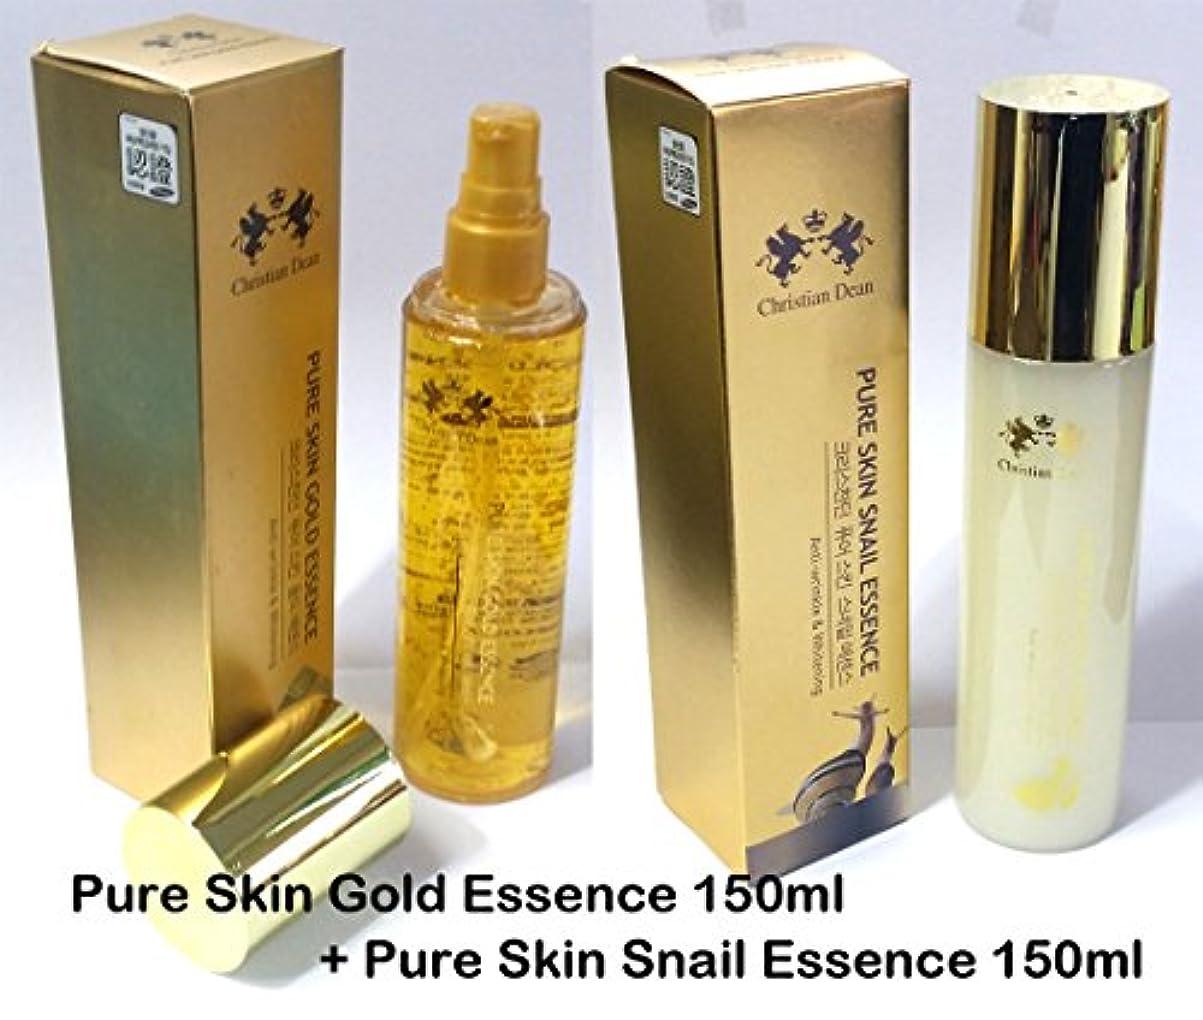 発送教育学証書[Christian Dean] ピュアスキンゴールドエッセンス150ml +ピュアスキンカタツムエッセンス150ml / Pure Skin Gold Essence 150ml + Pure Skin Snail Essence...